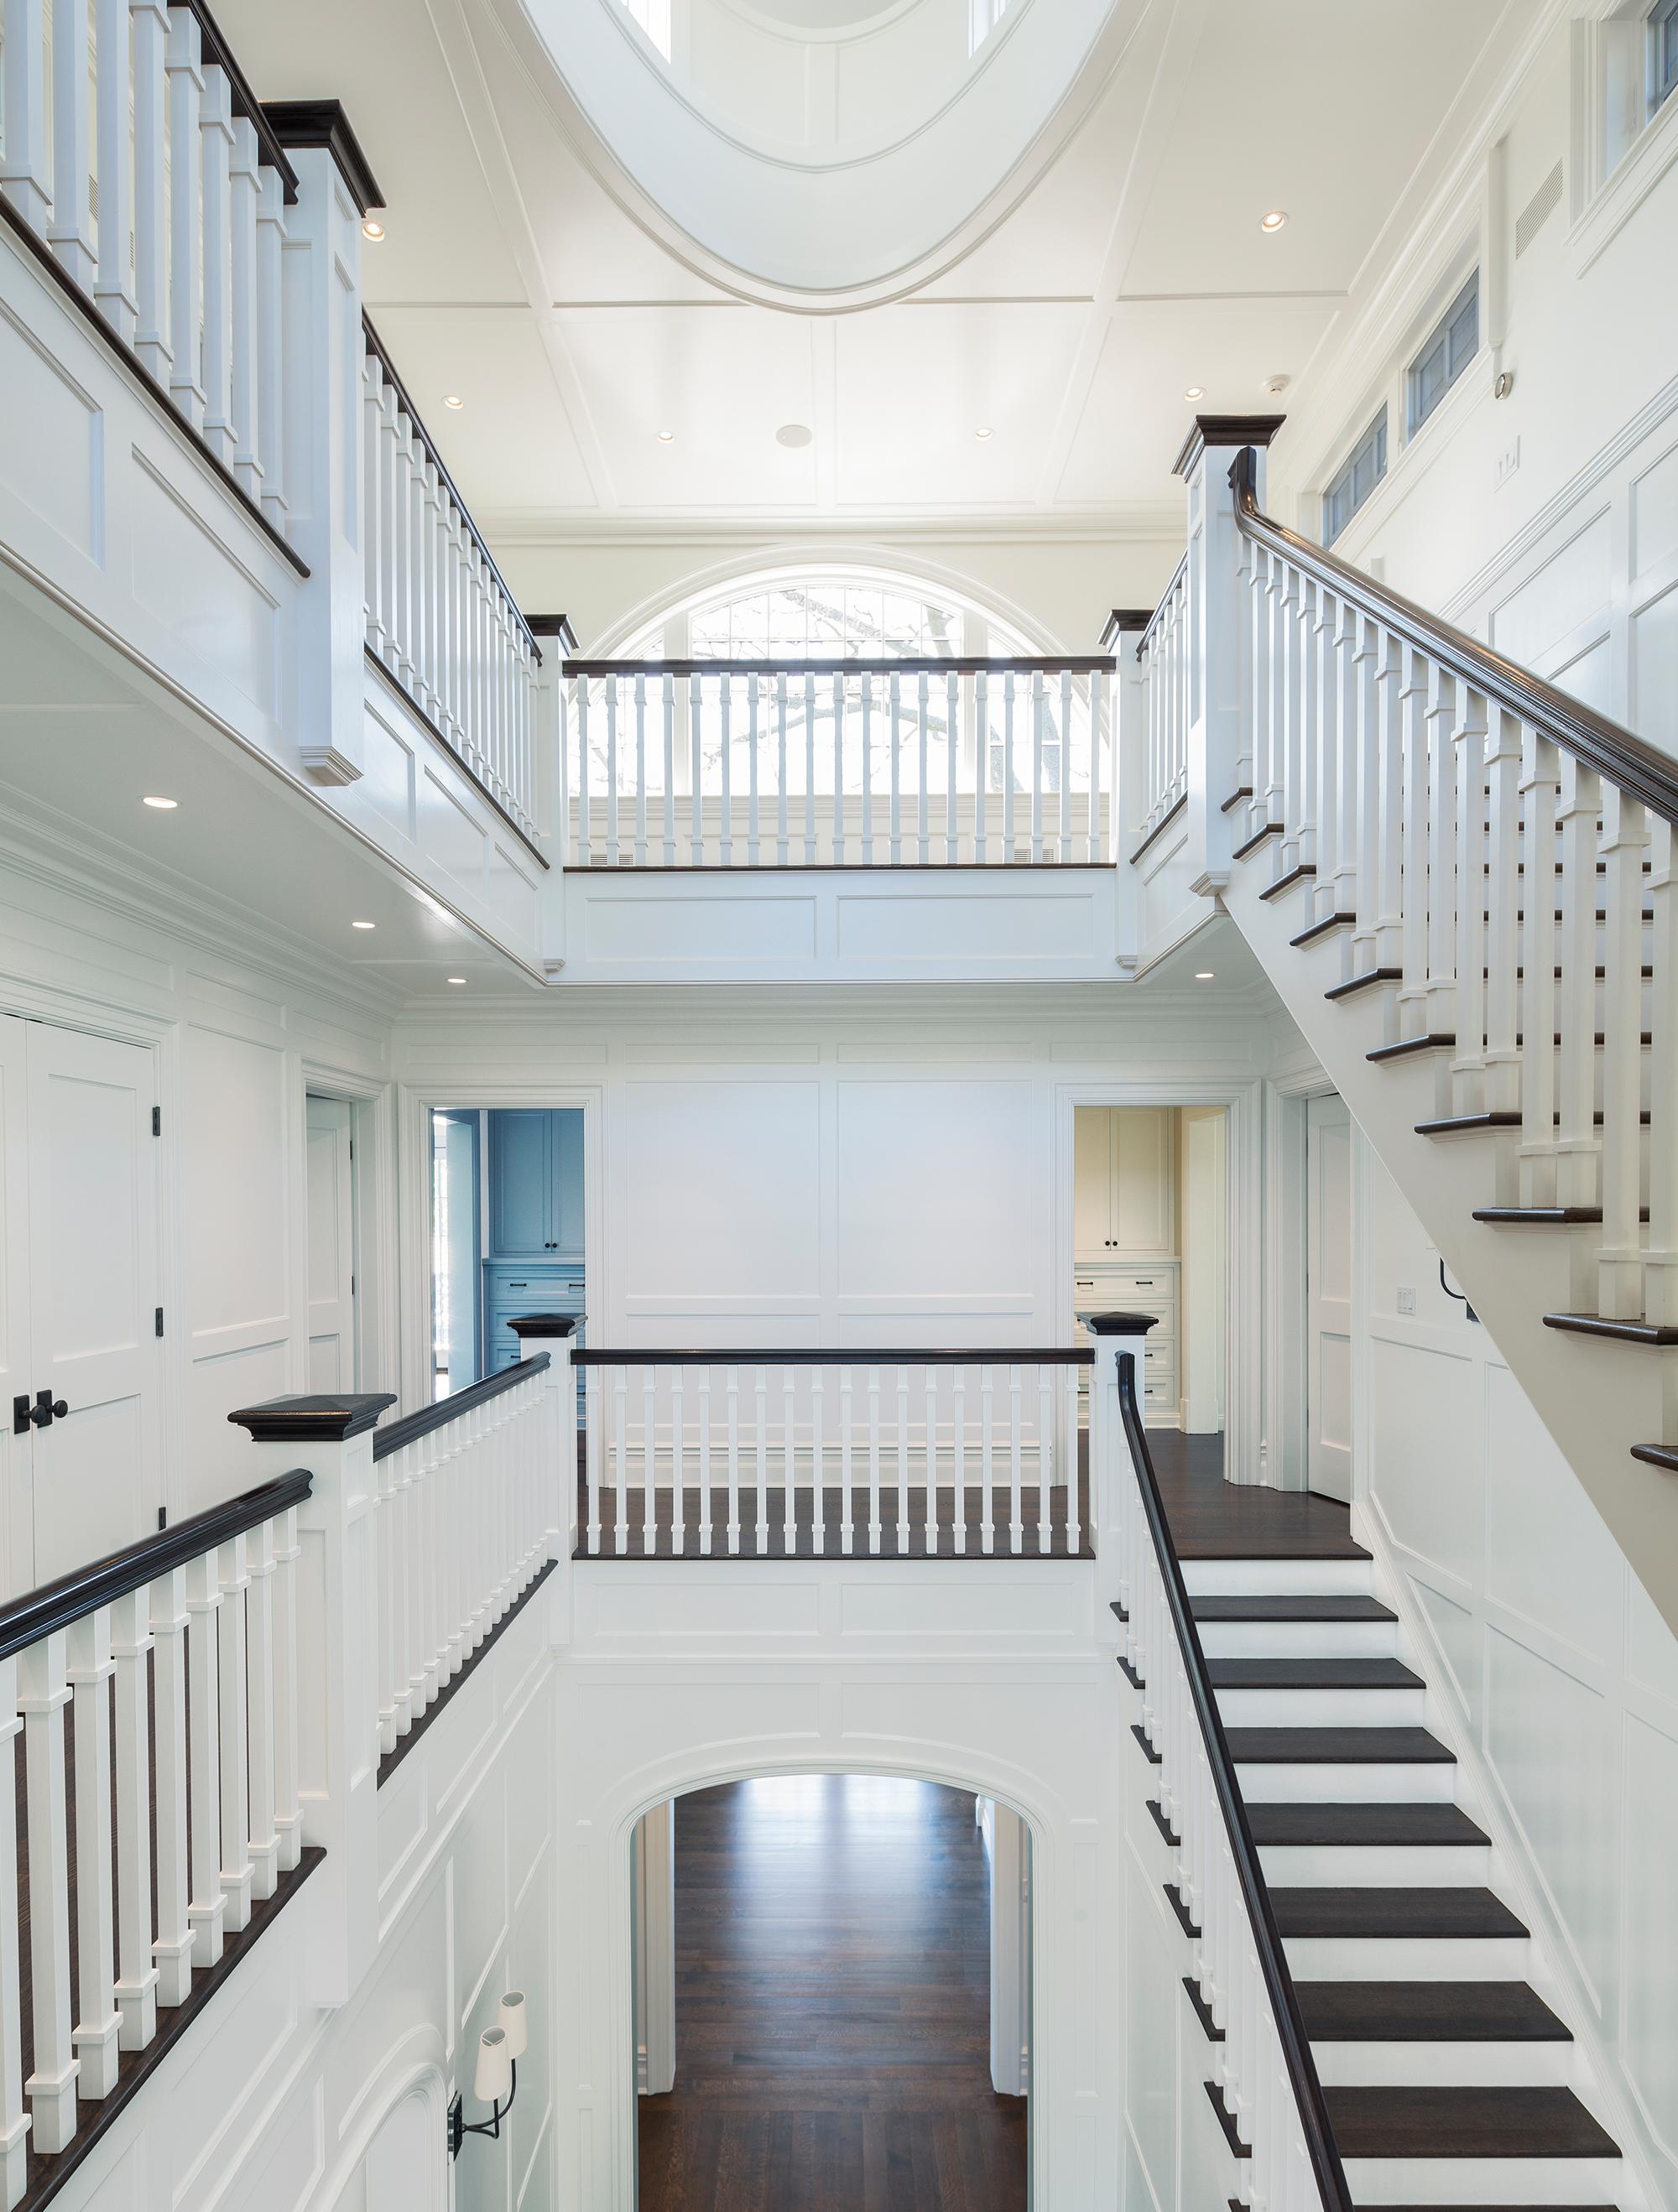 Two Floor Stairway